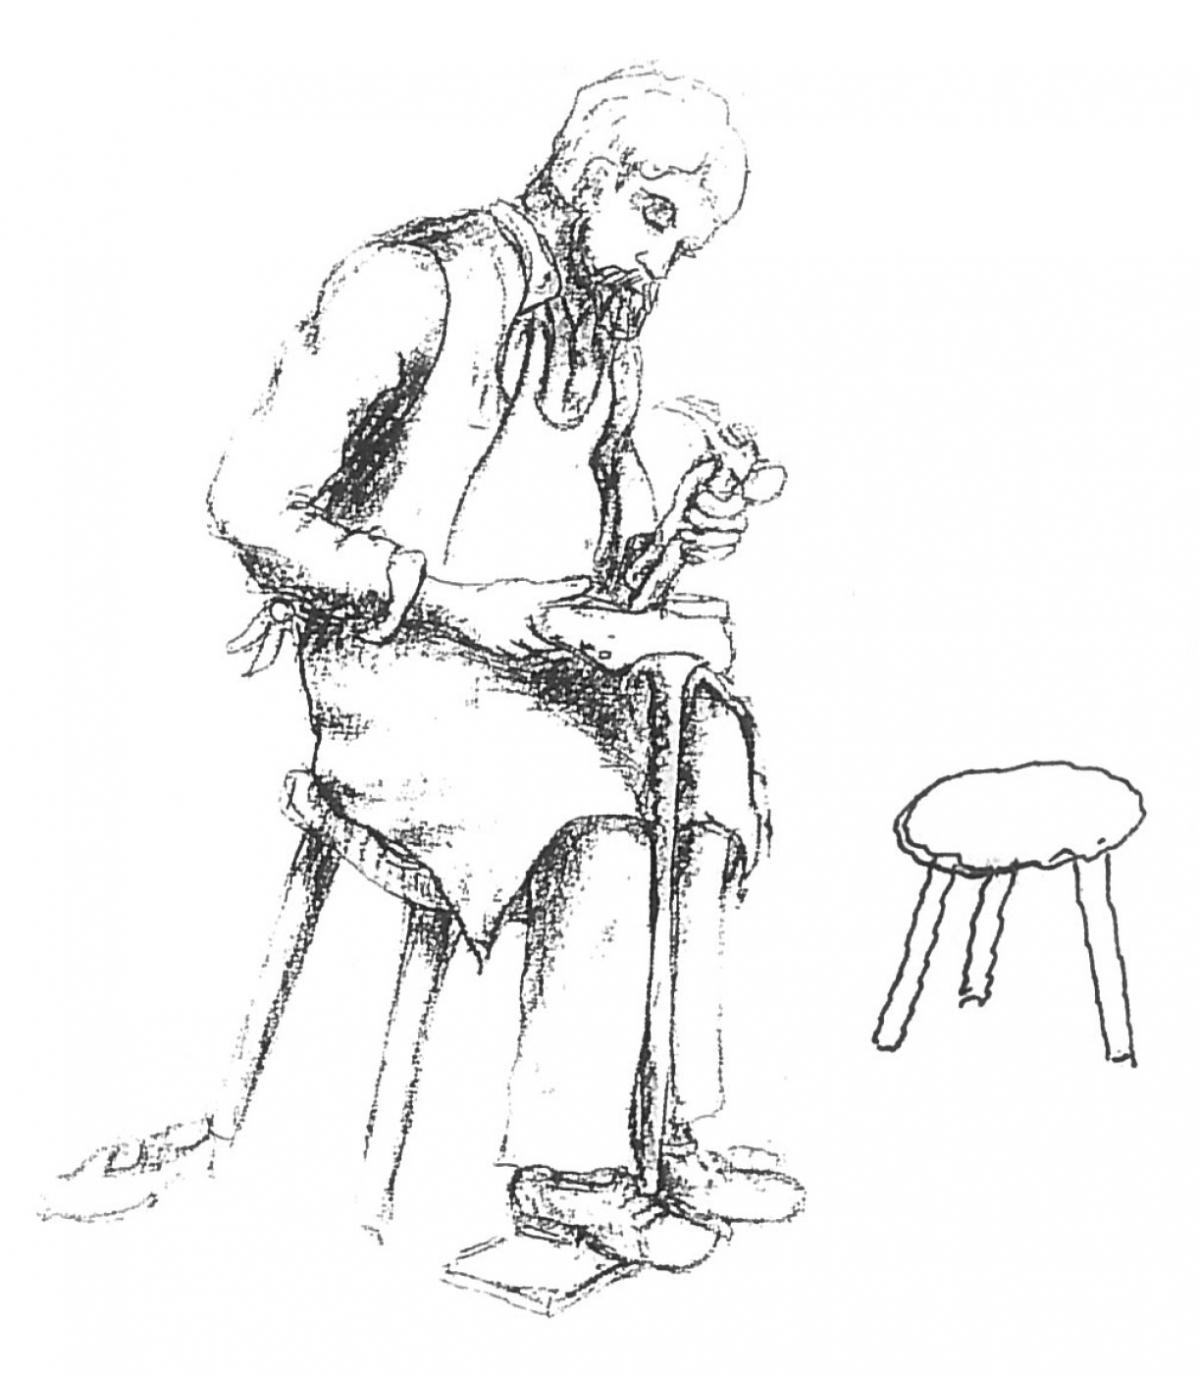 Skizze der Schuhmacher-Skulptur